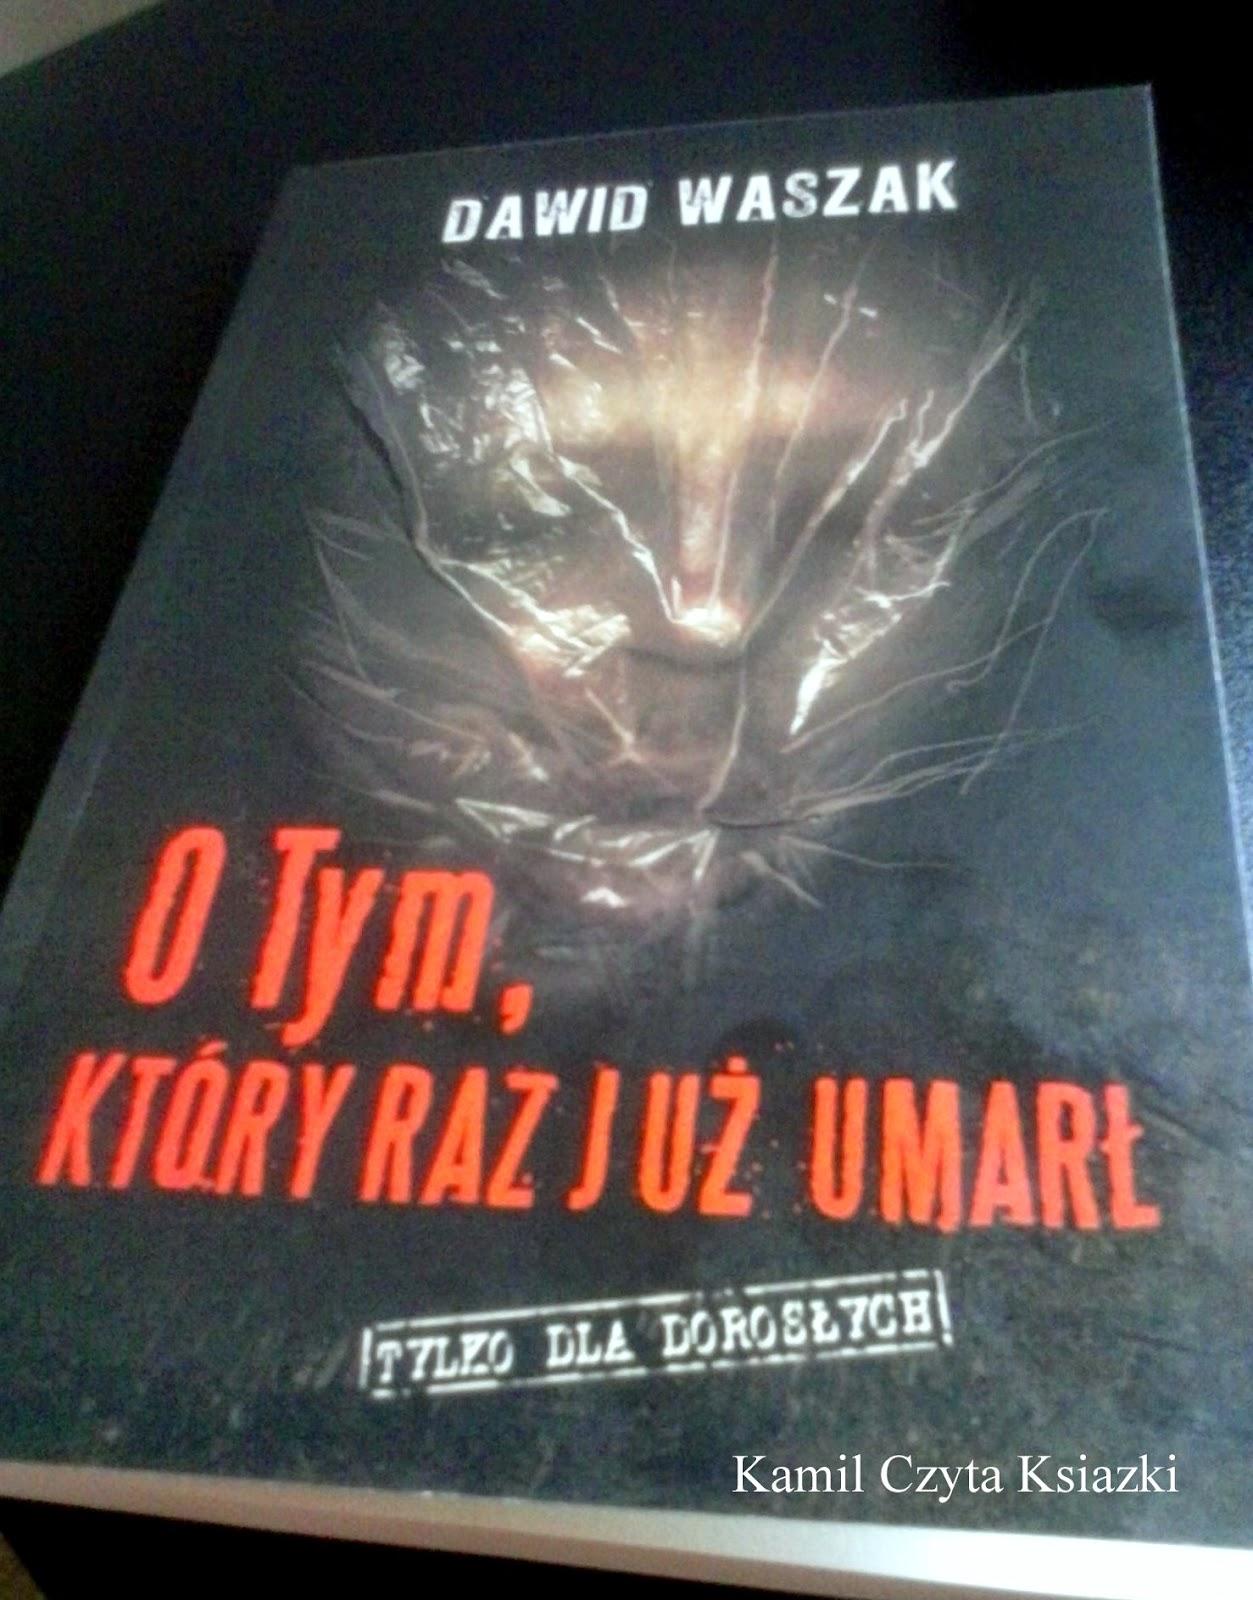 Kamil Czyta Książki Dawid Waszak O Tym który raz już umarł recenzja Grzegorz Marcin Narodziny Zła Steve